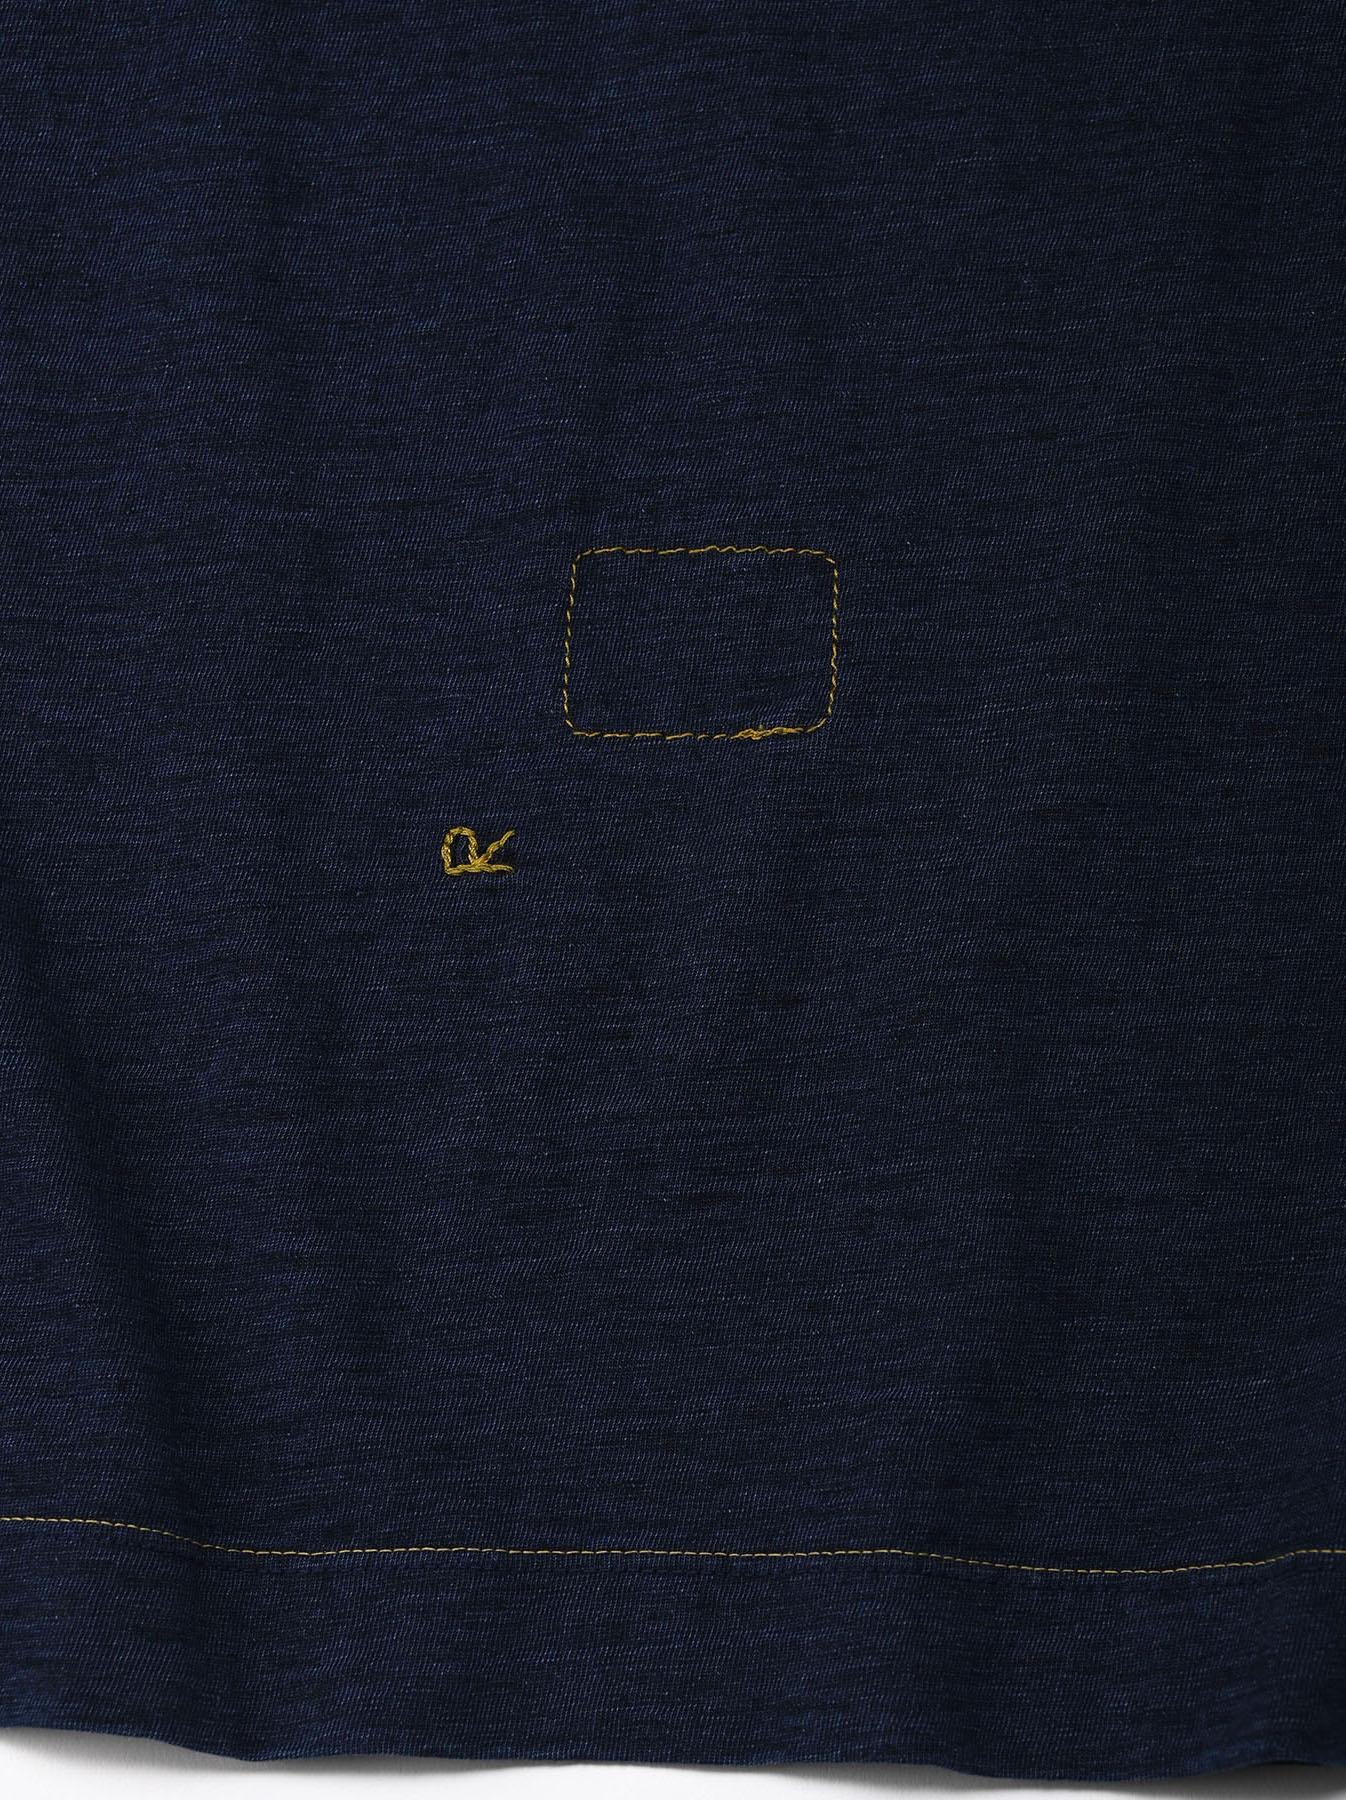 Indigo Nou Zimbabwe Cotton Big Slit T-shirt (0721)-9